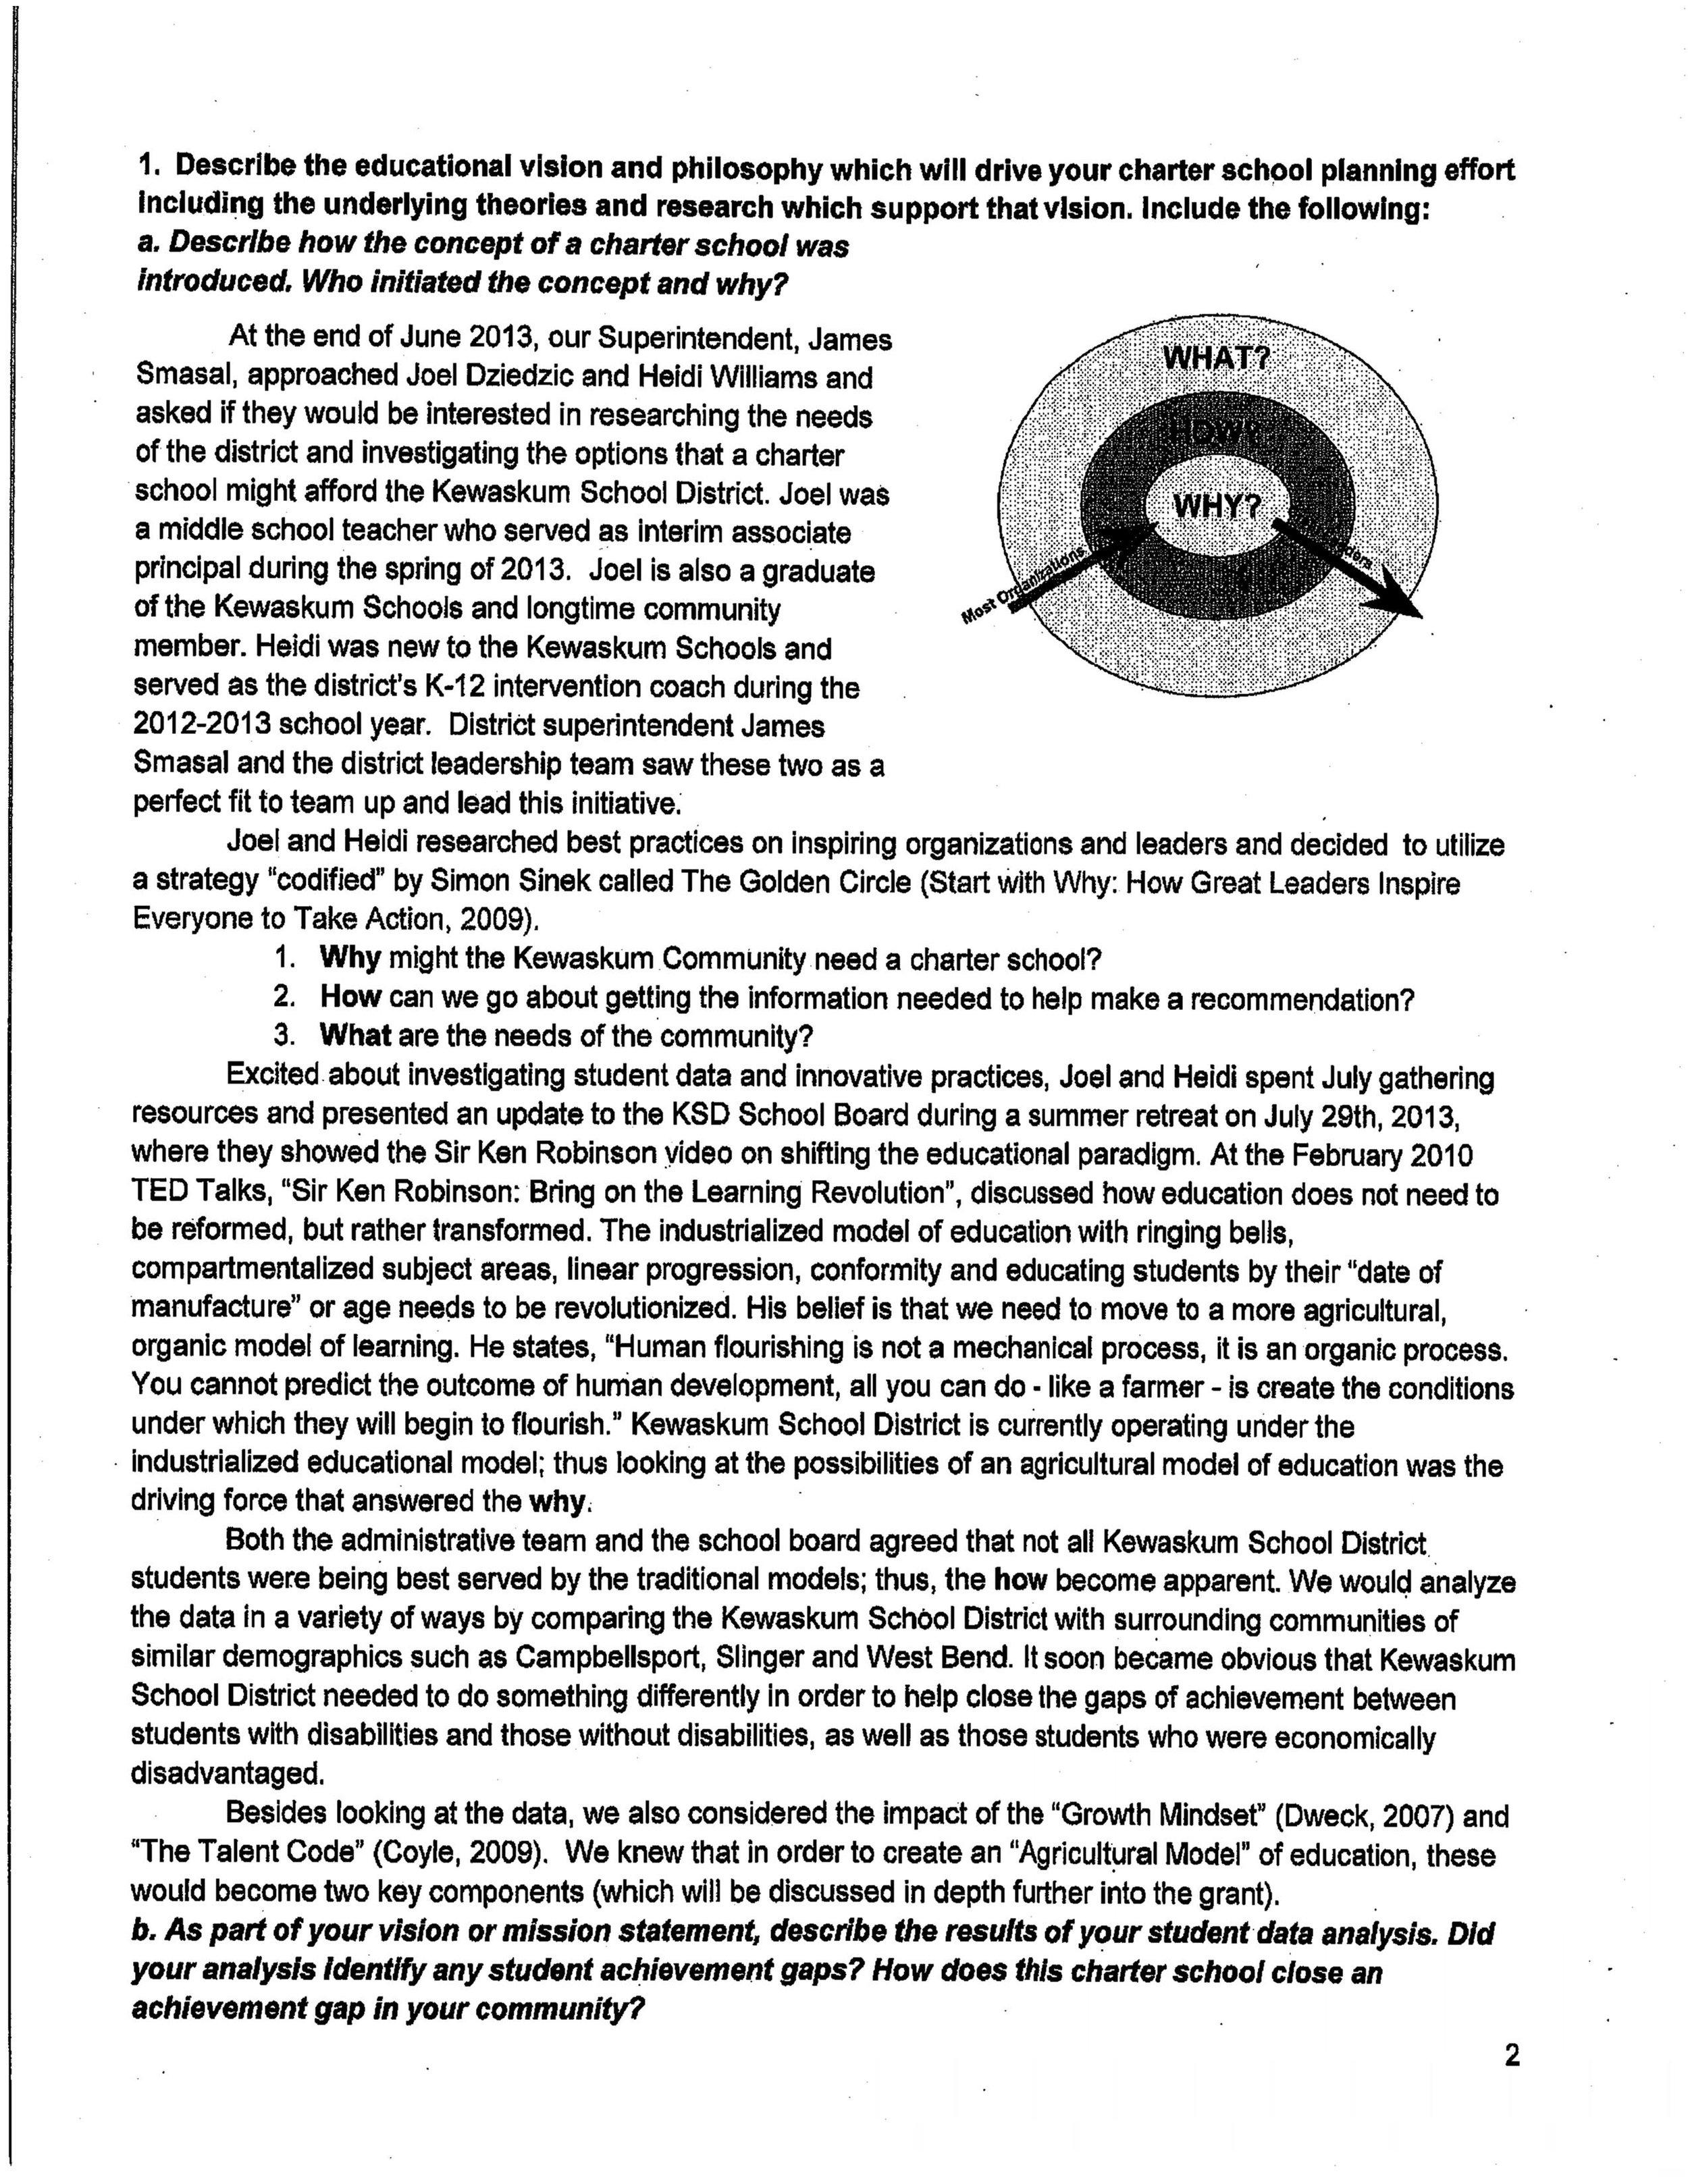 Planning Grant pg 12.jpg